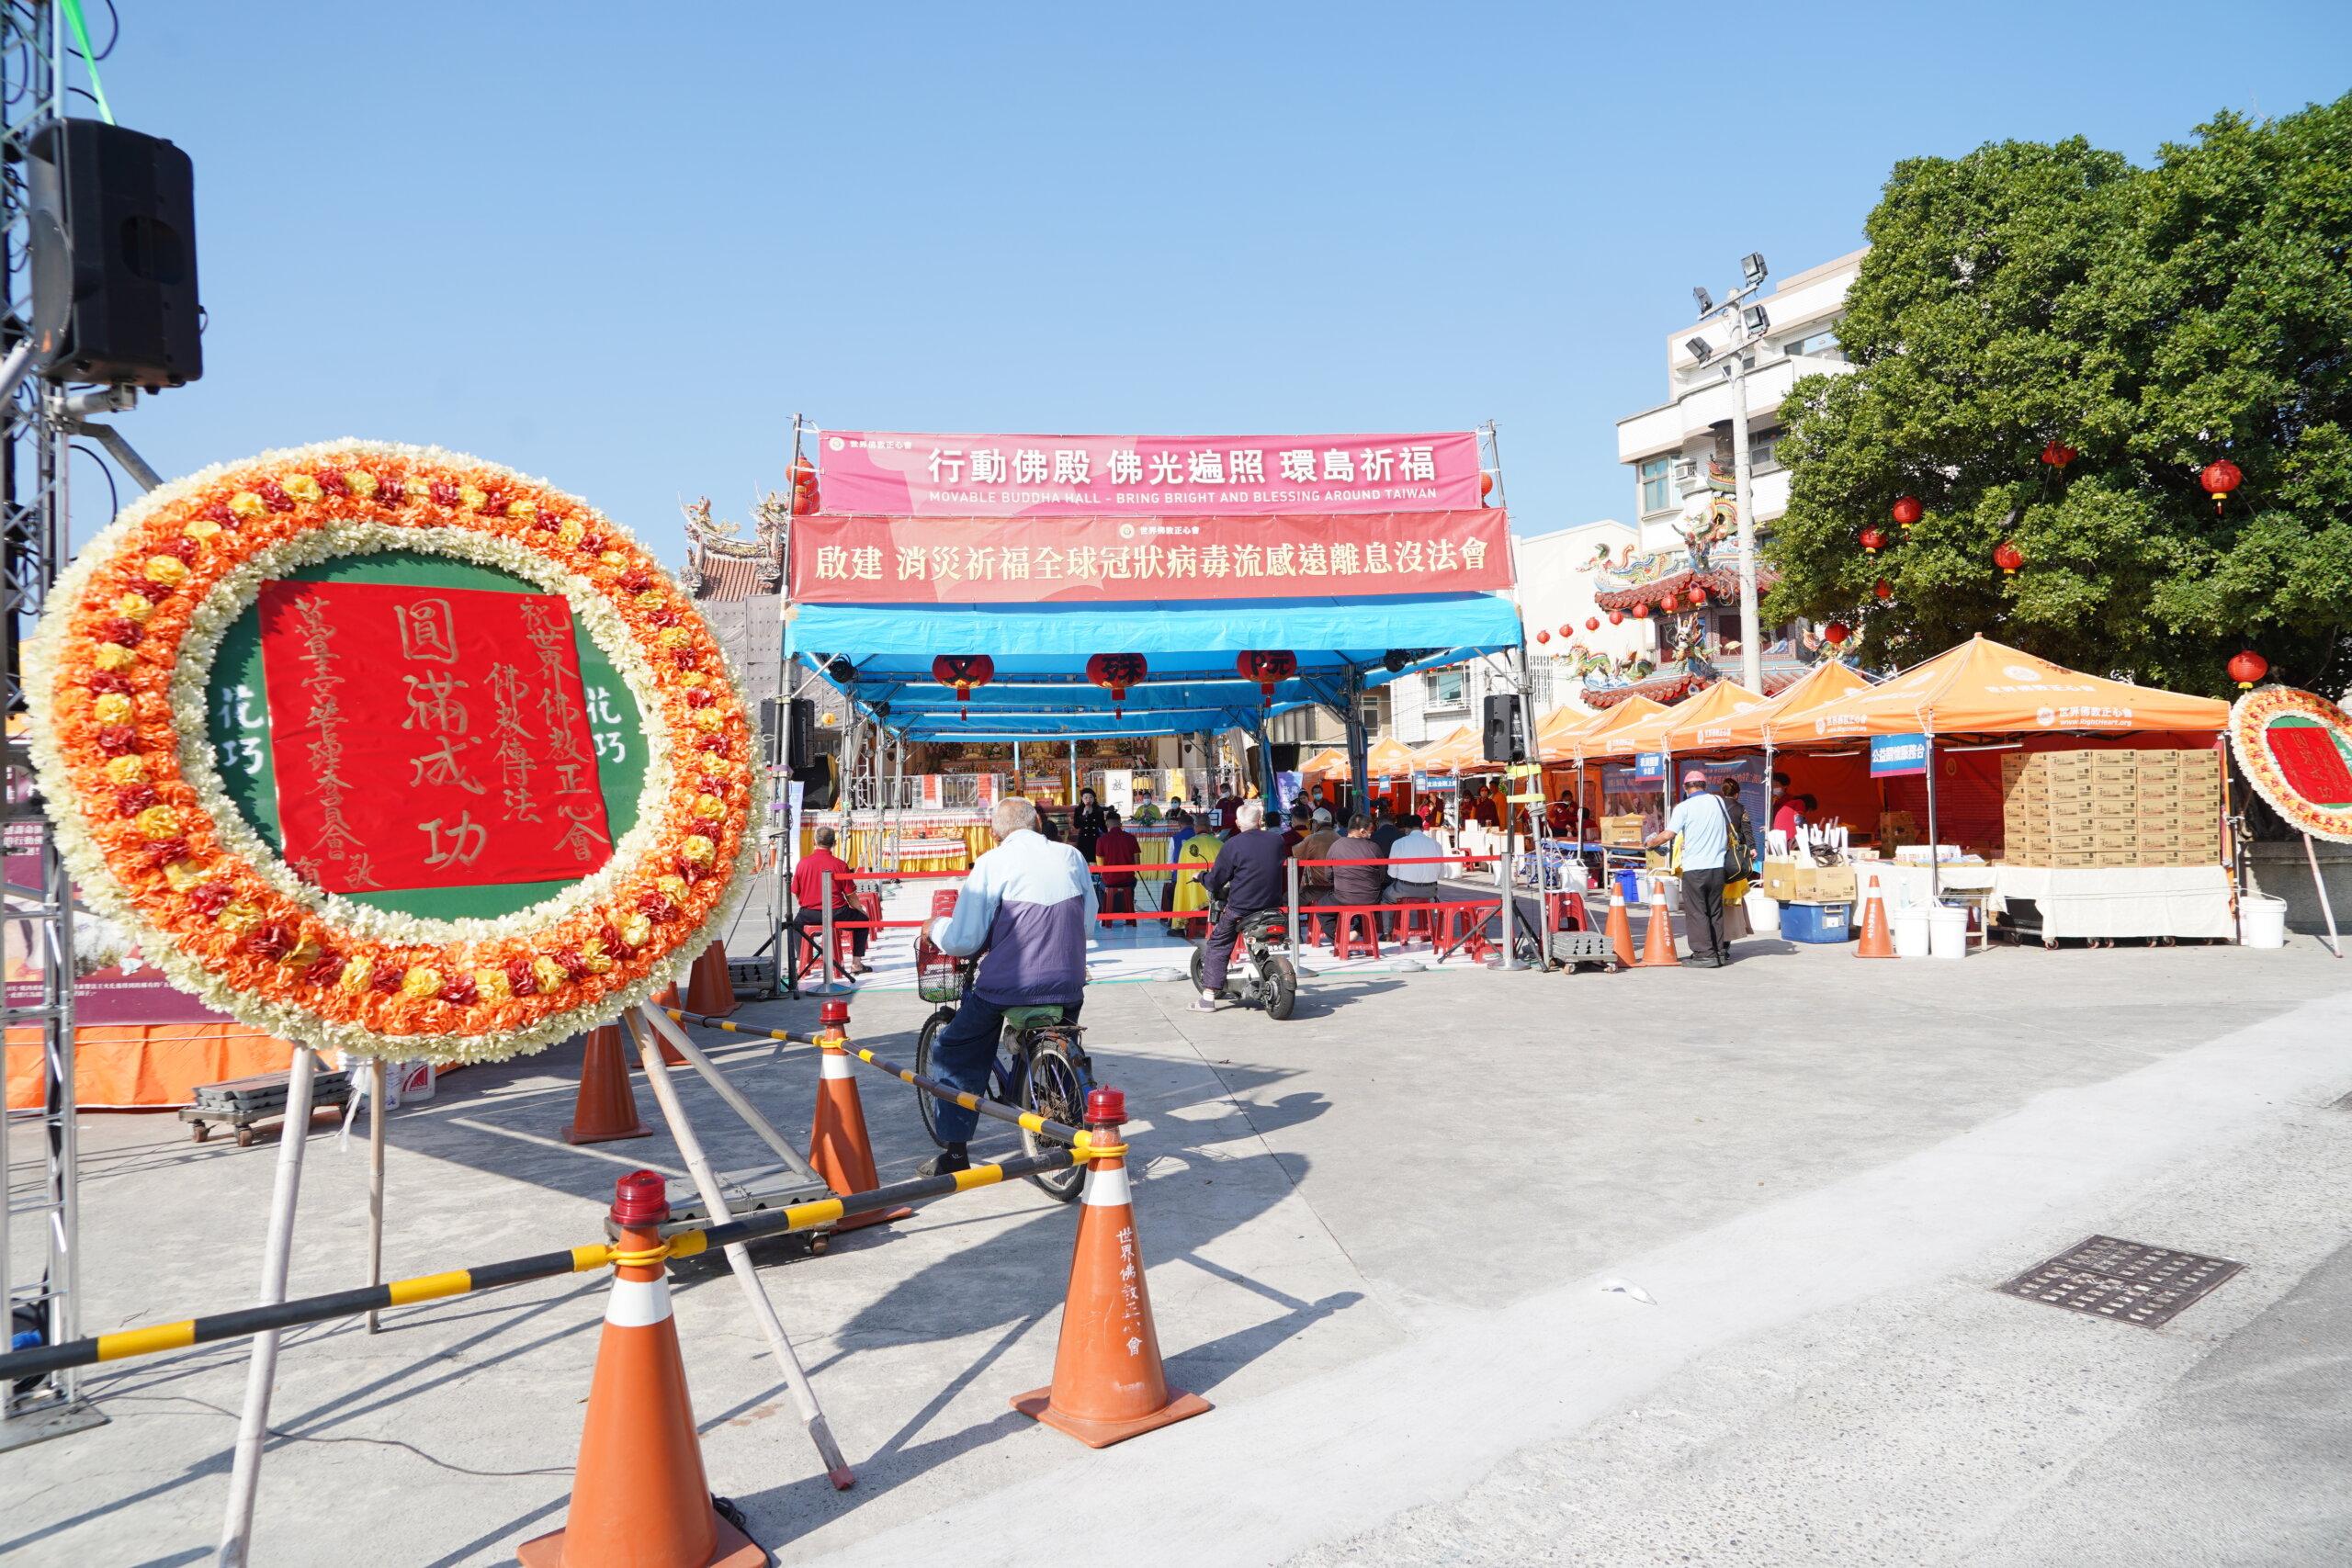 世界佛教正心會行動佛殿122站台南喜樹萬皇宮,一連四天舉辦祈福法會